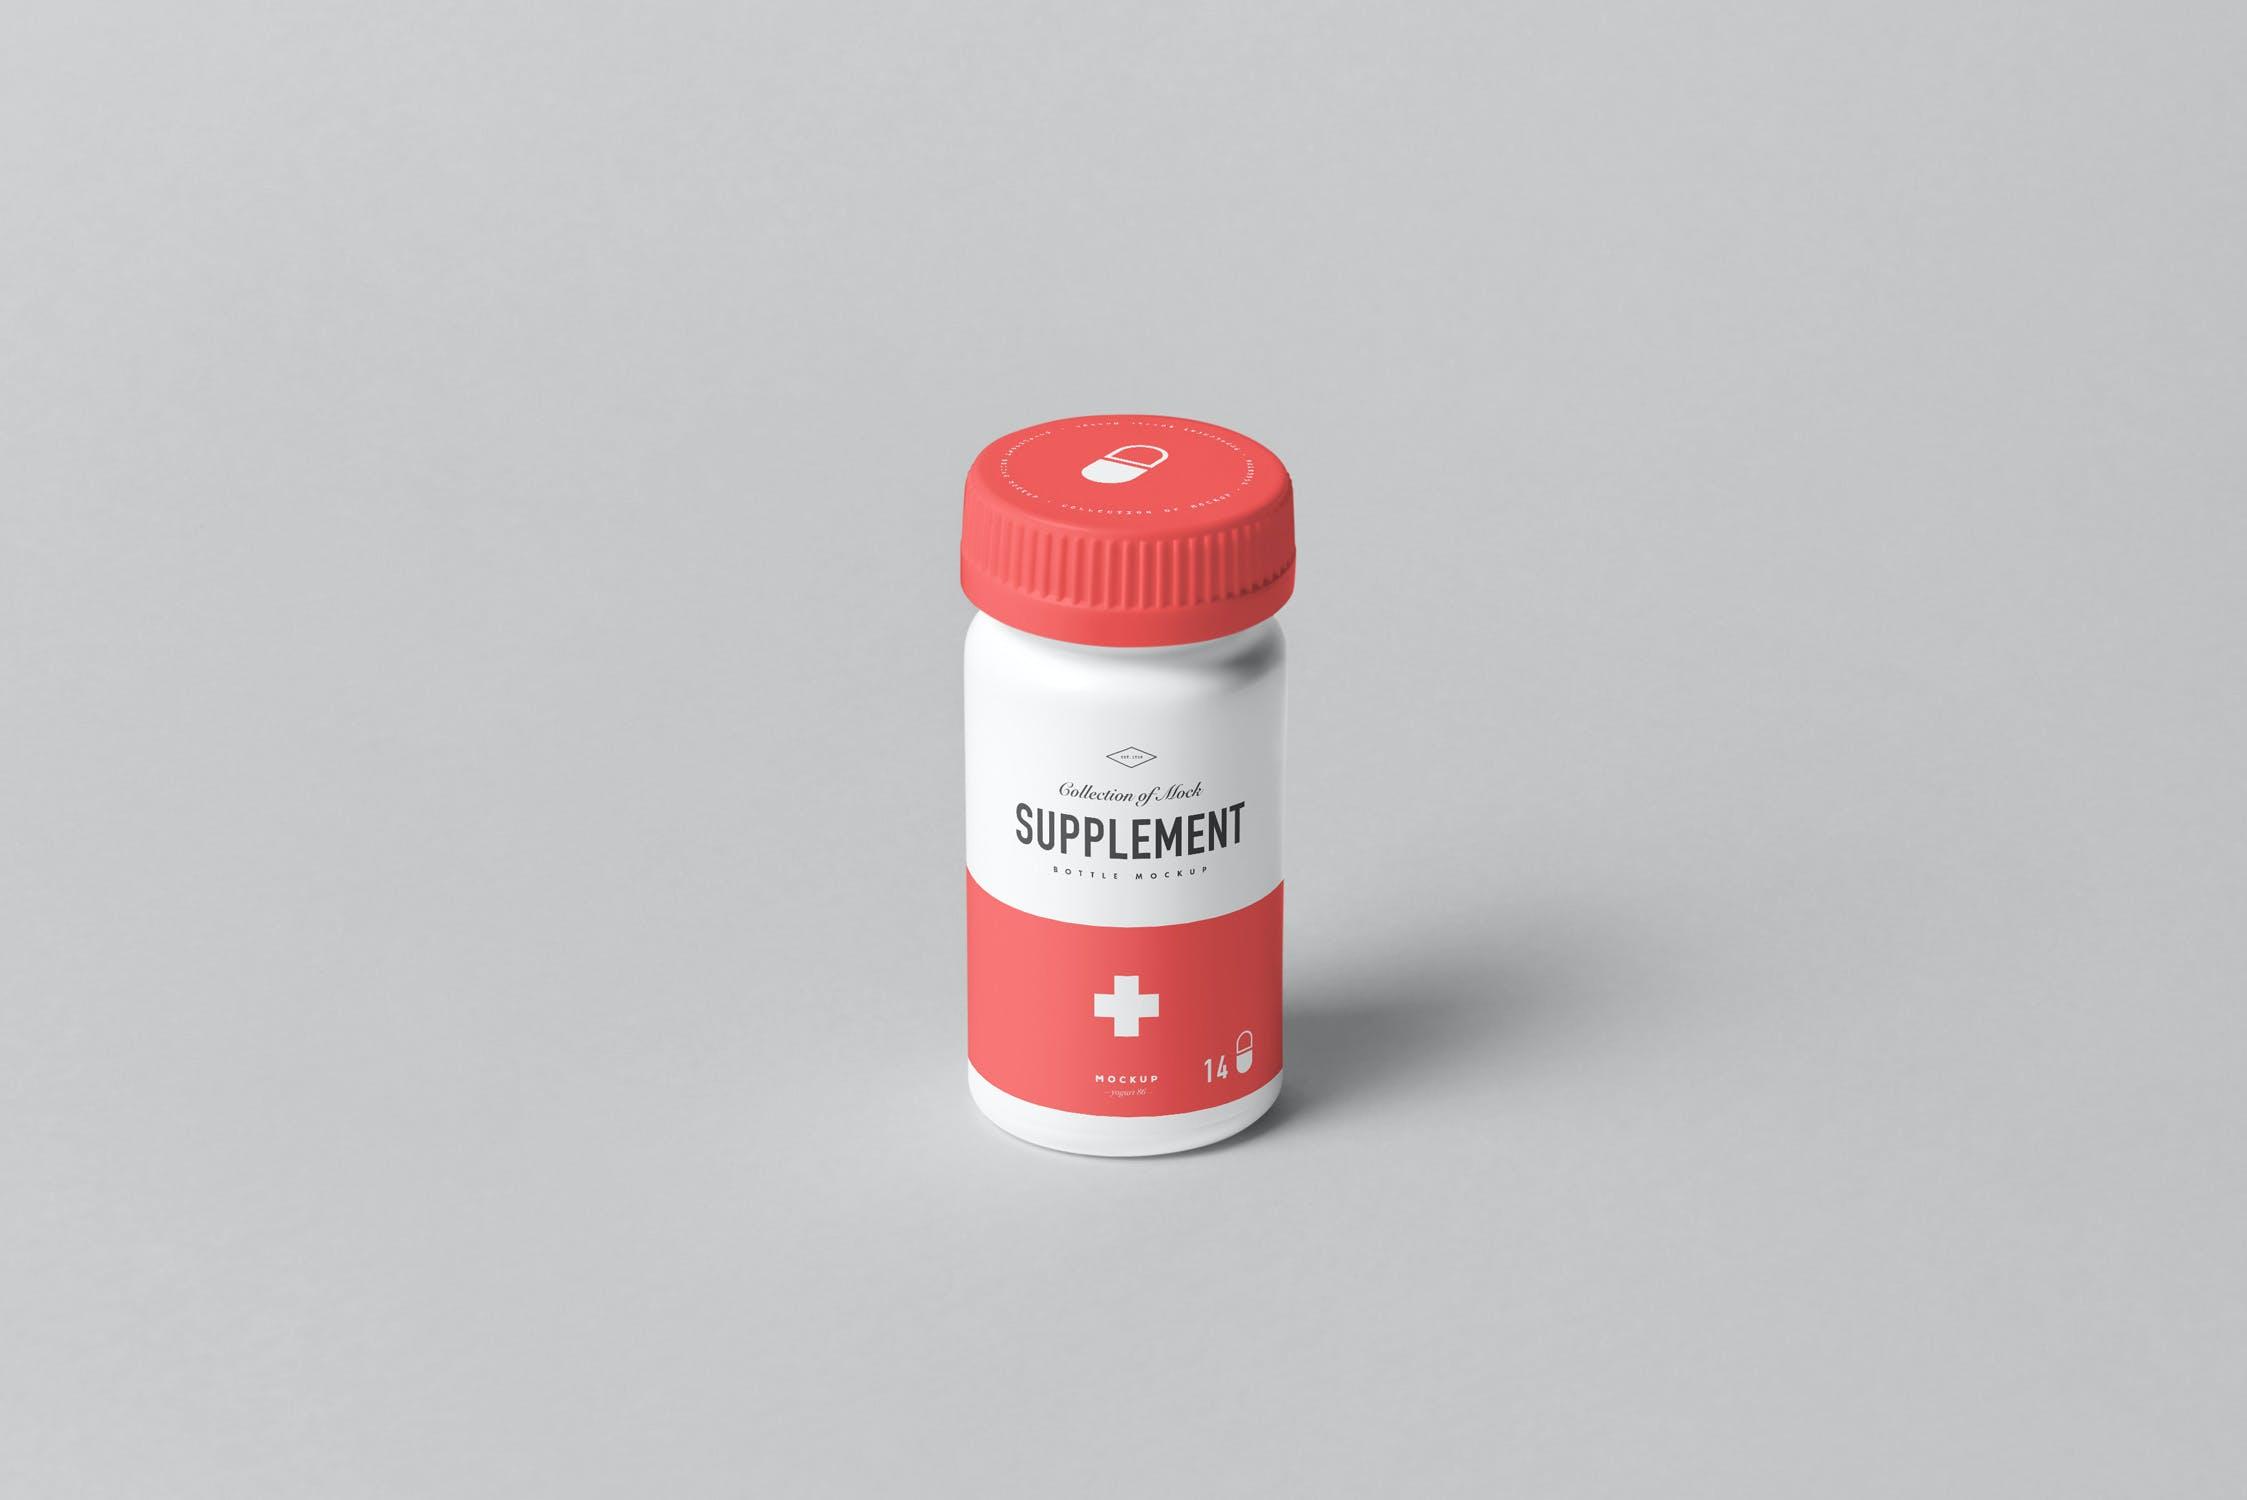 9款药物塑料补充瓶包装纸盒设计展示样机模板 Supplement Jar & Box Mockup 4插图(6)